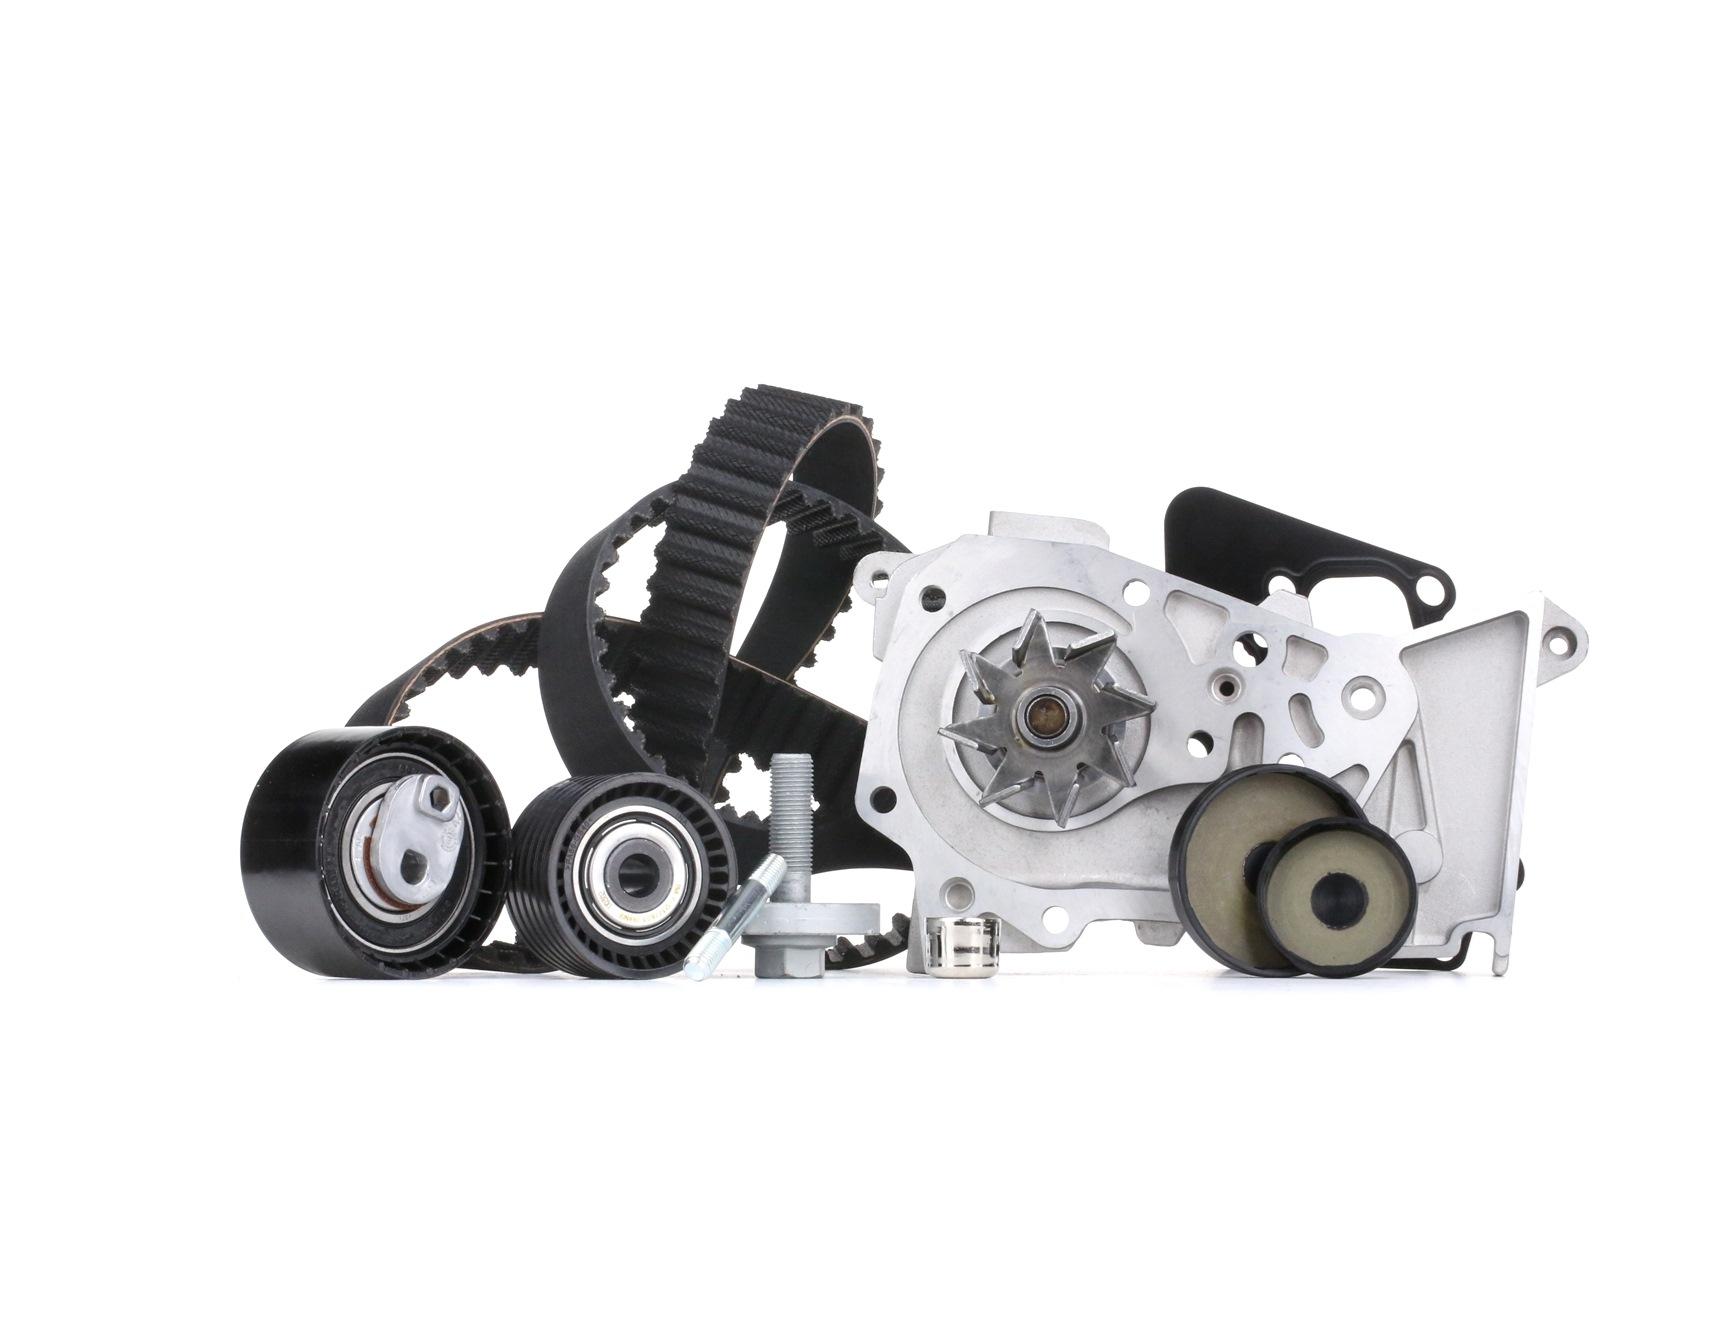 Vízpumpa + fogasszíj készlet 530 0640 30 mert LADA alacsony árak - Vásároljon most!